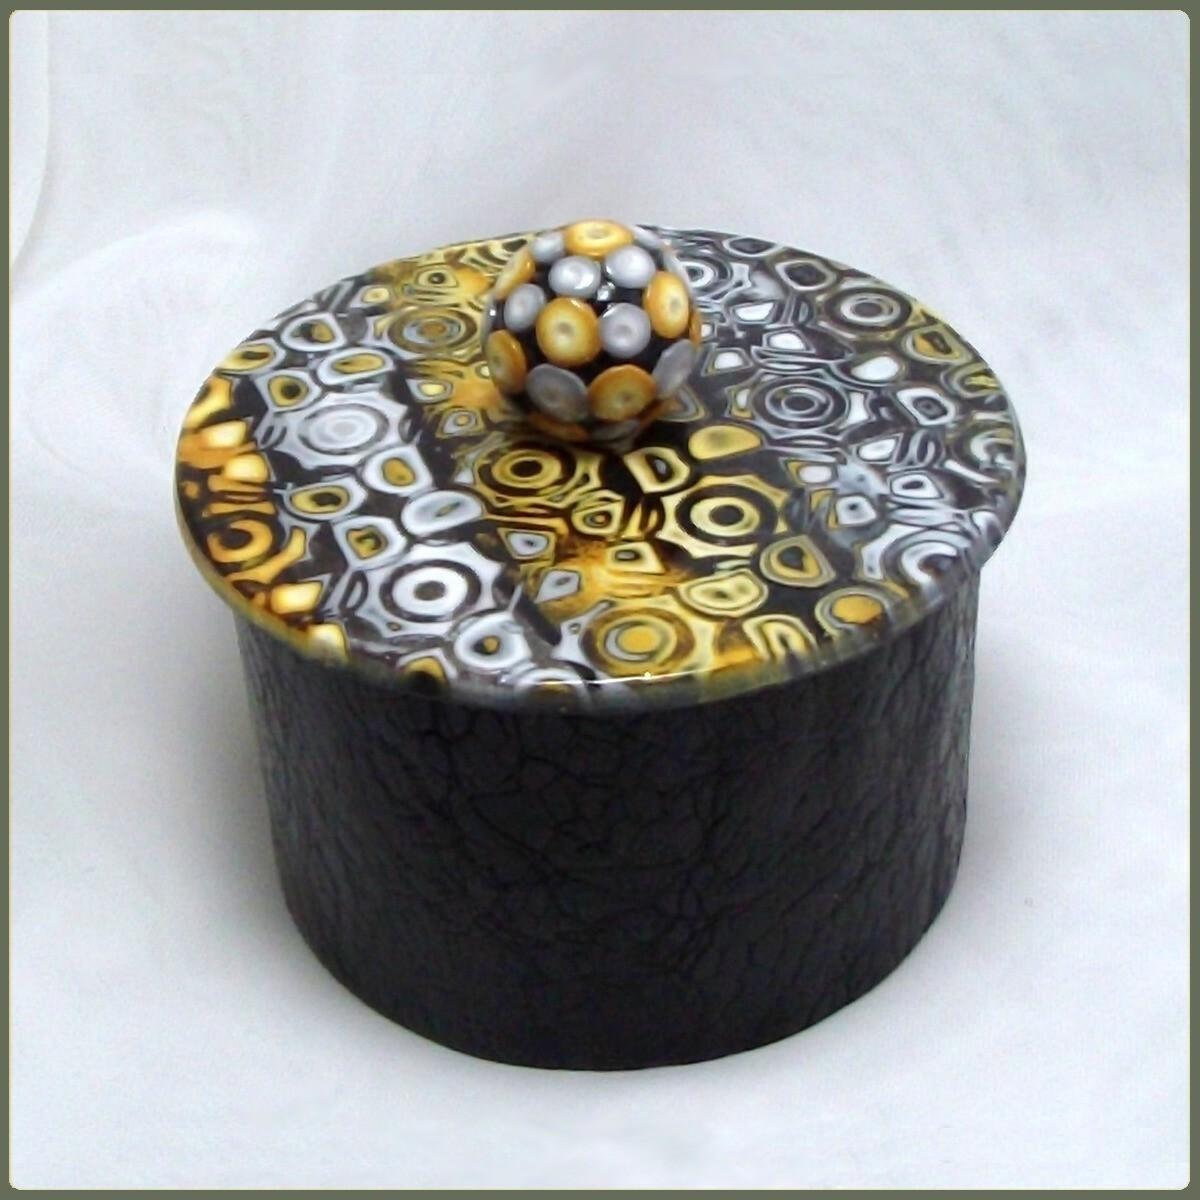 Boite décorative jaune et noire en argile polymère